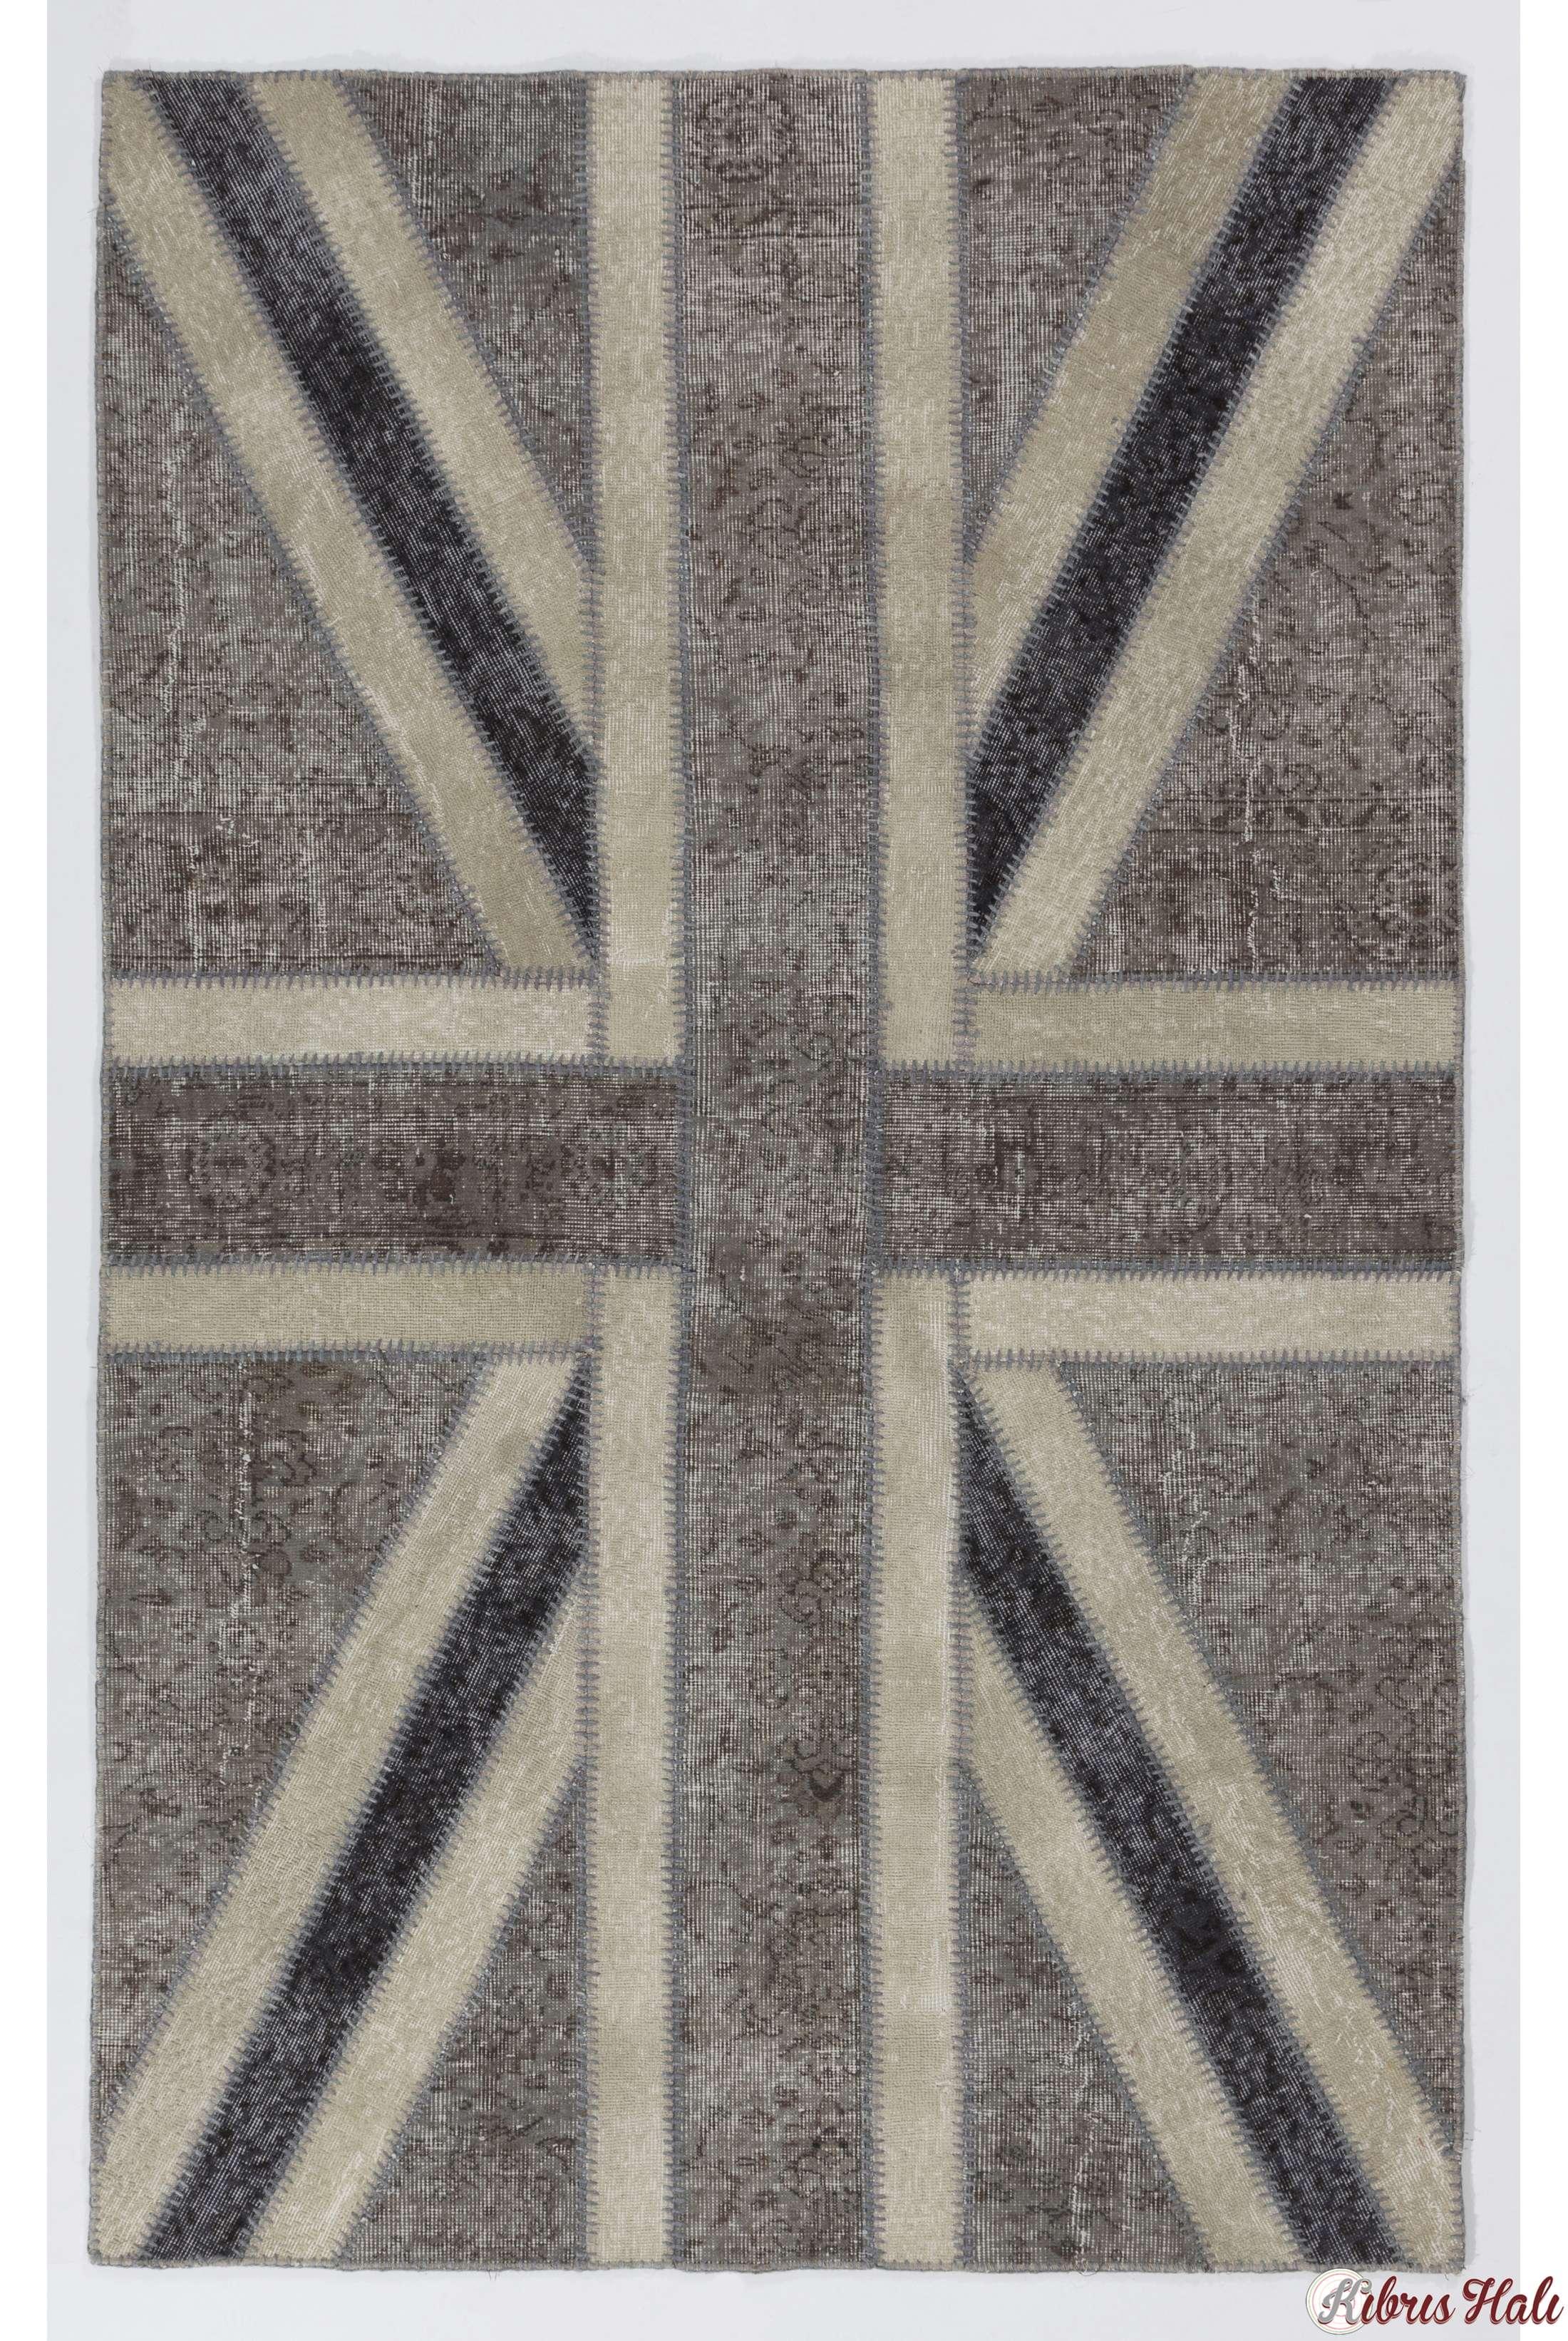 152x245 Cm Gri Amp Bej İngiliz Bayrağı Desenli Patchwork Halı